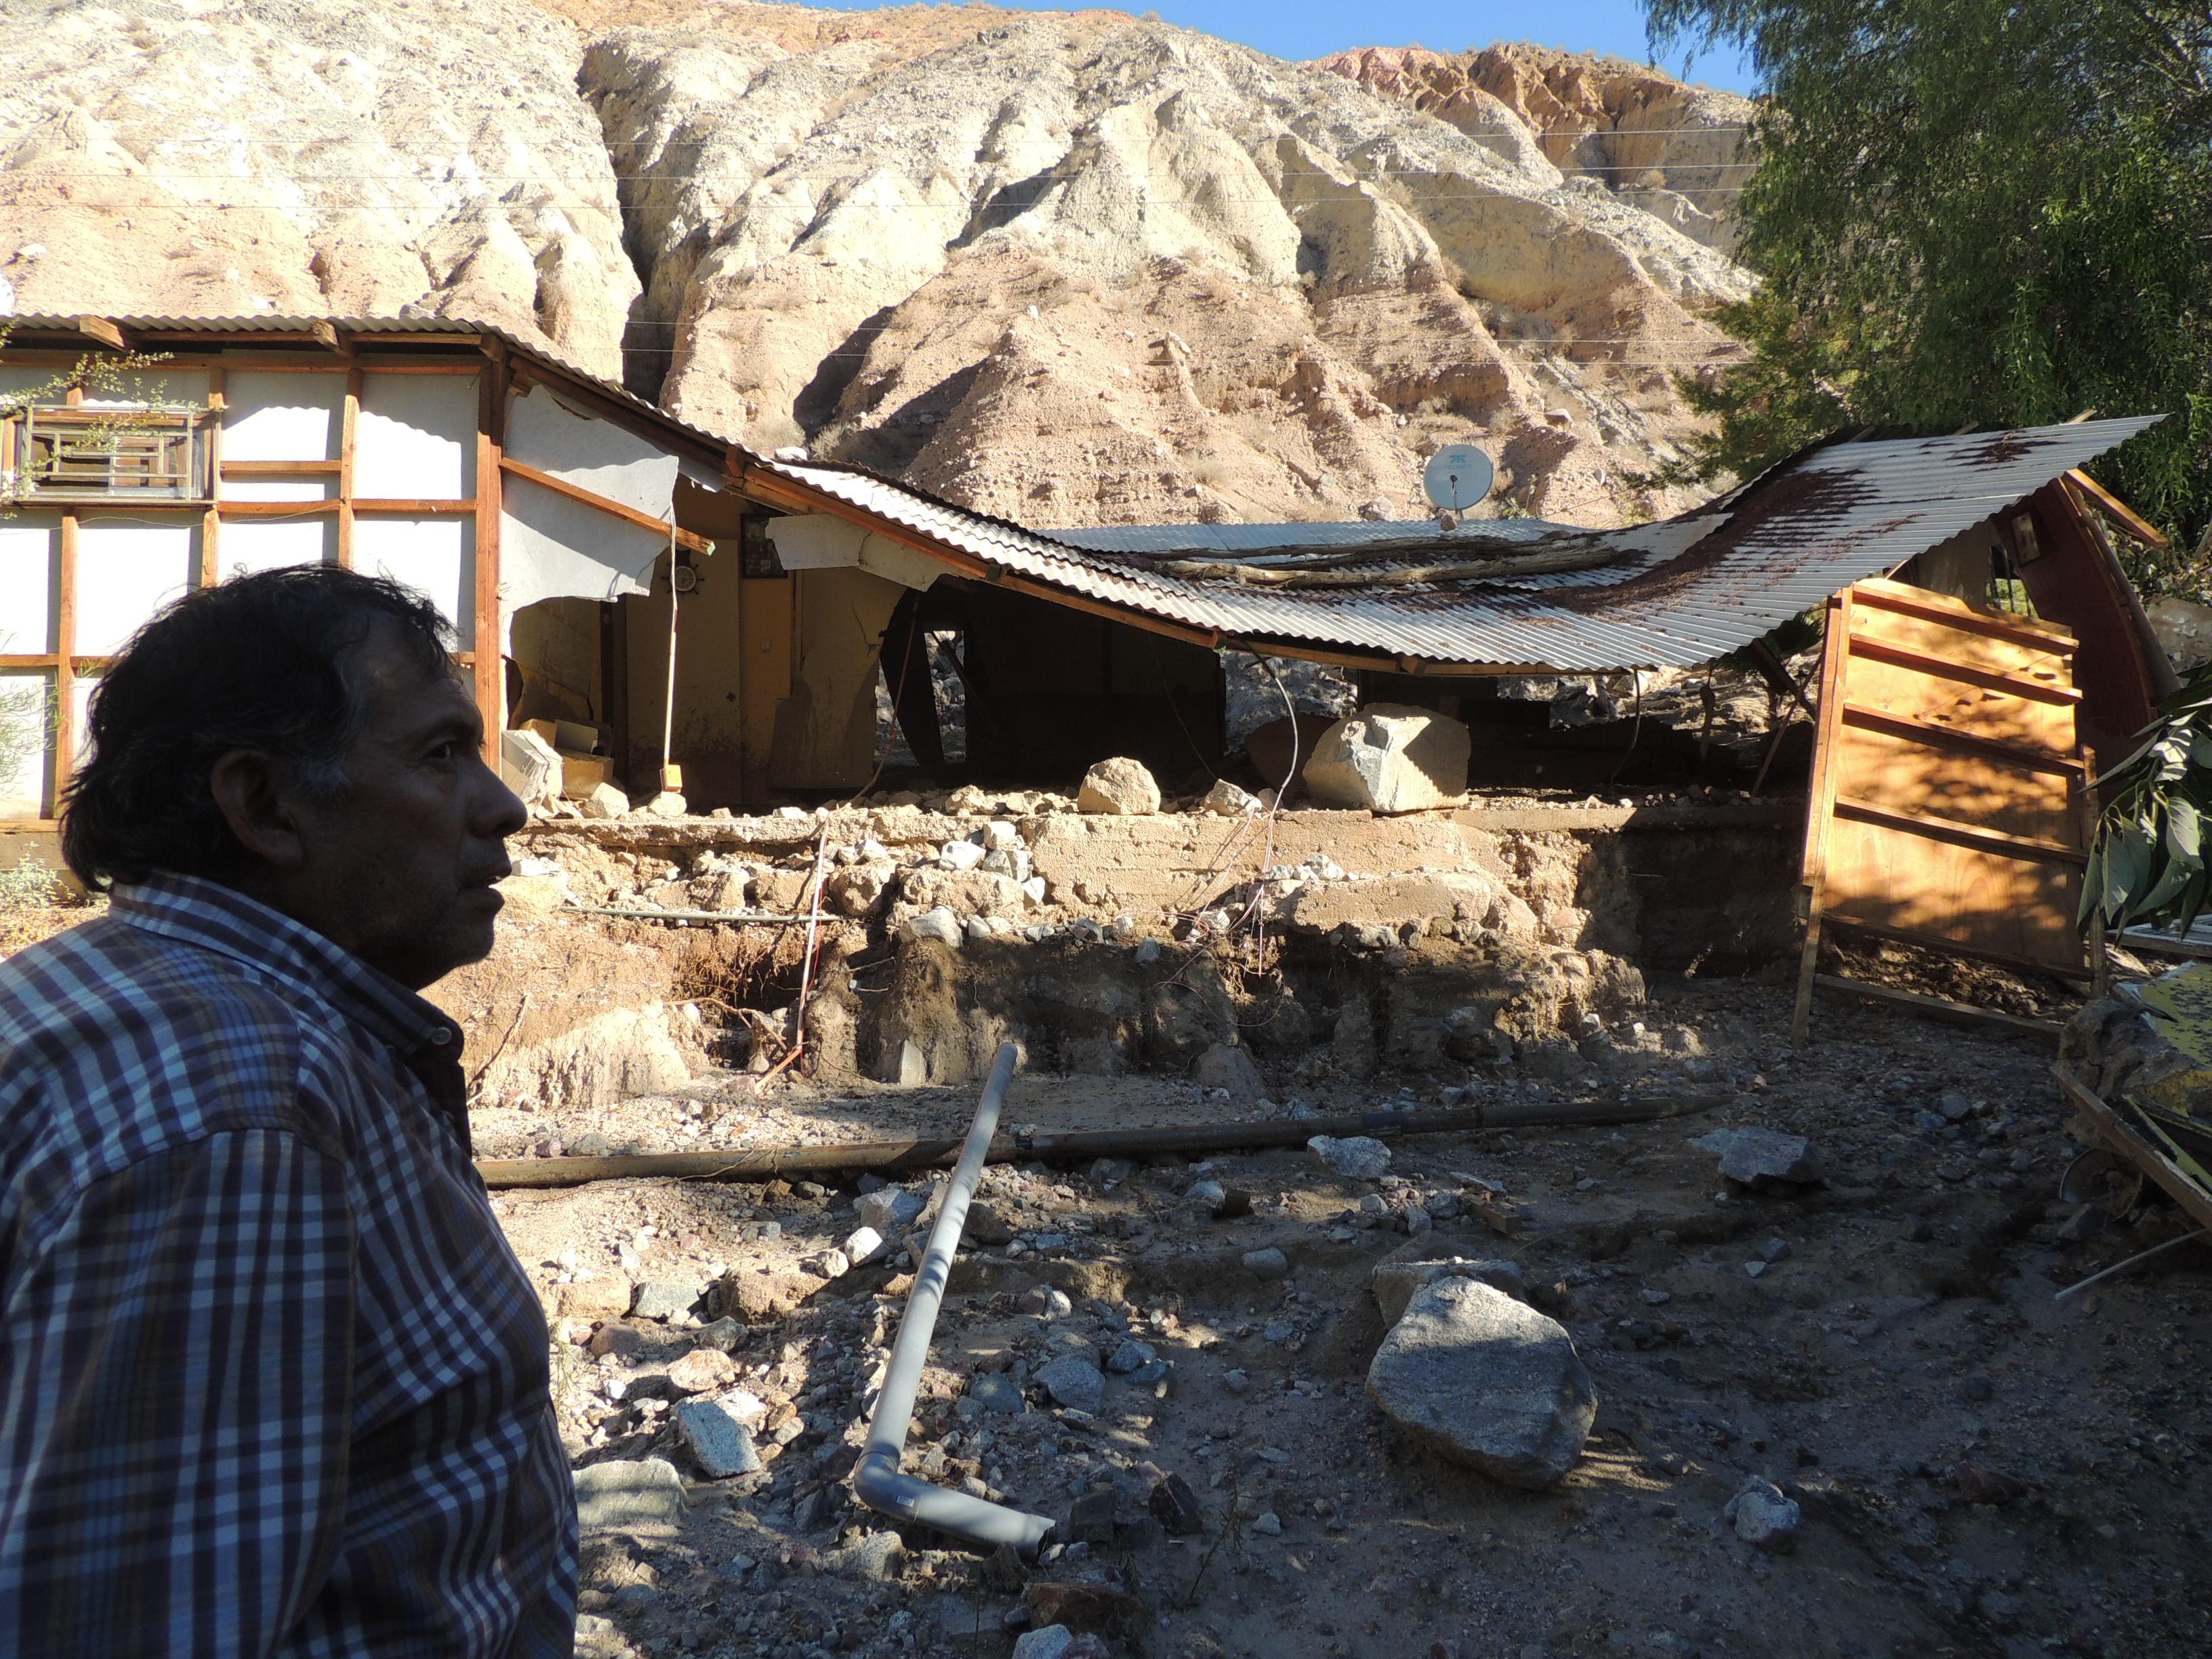 Propuestas del Gobierno: Esta semana llegarían 20 viviendas de emergencia a Alto del Carmen